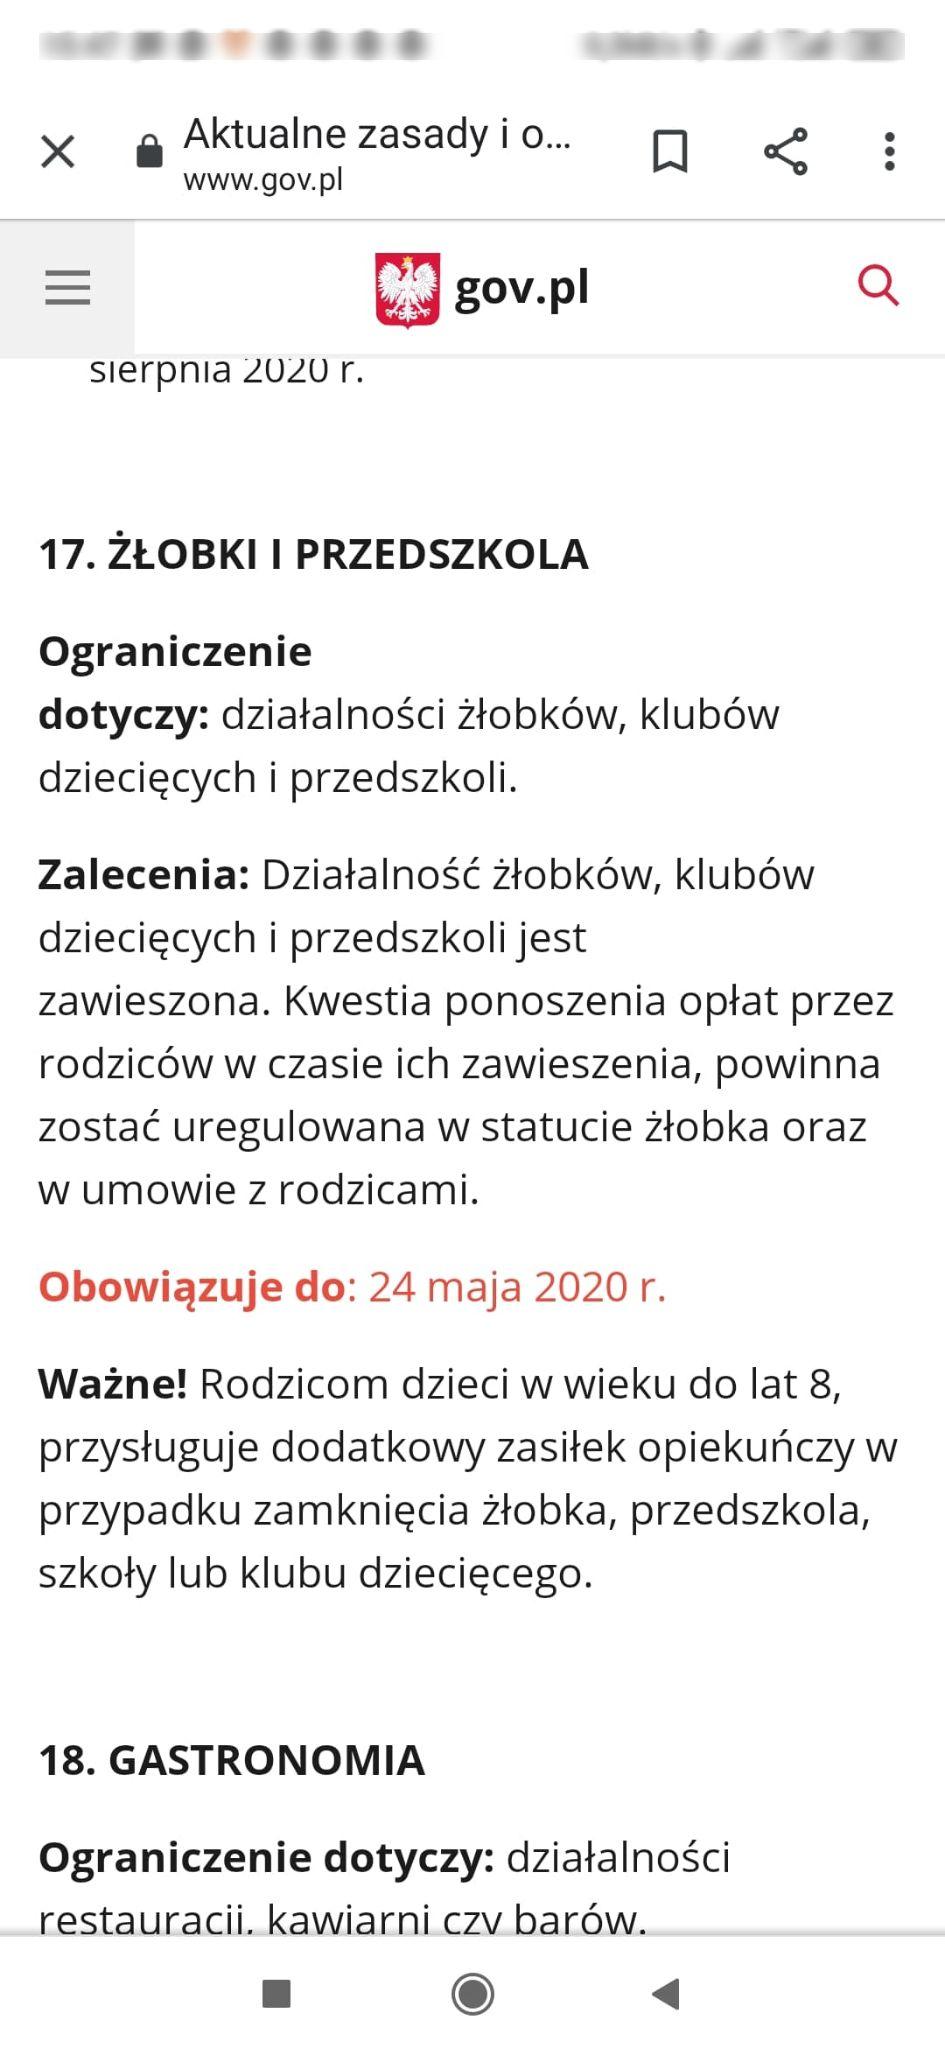 gov.pl - zrzut z ekranu - pierwotna informacja